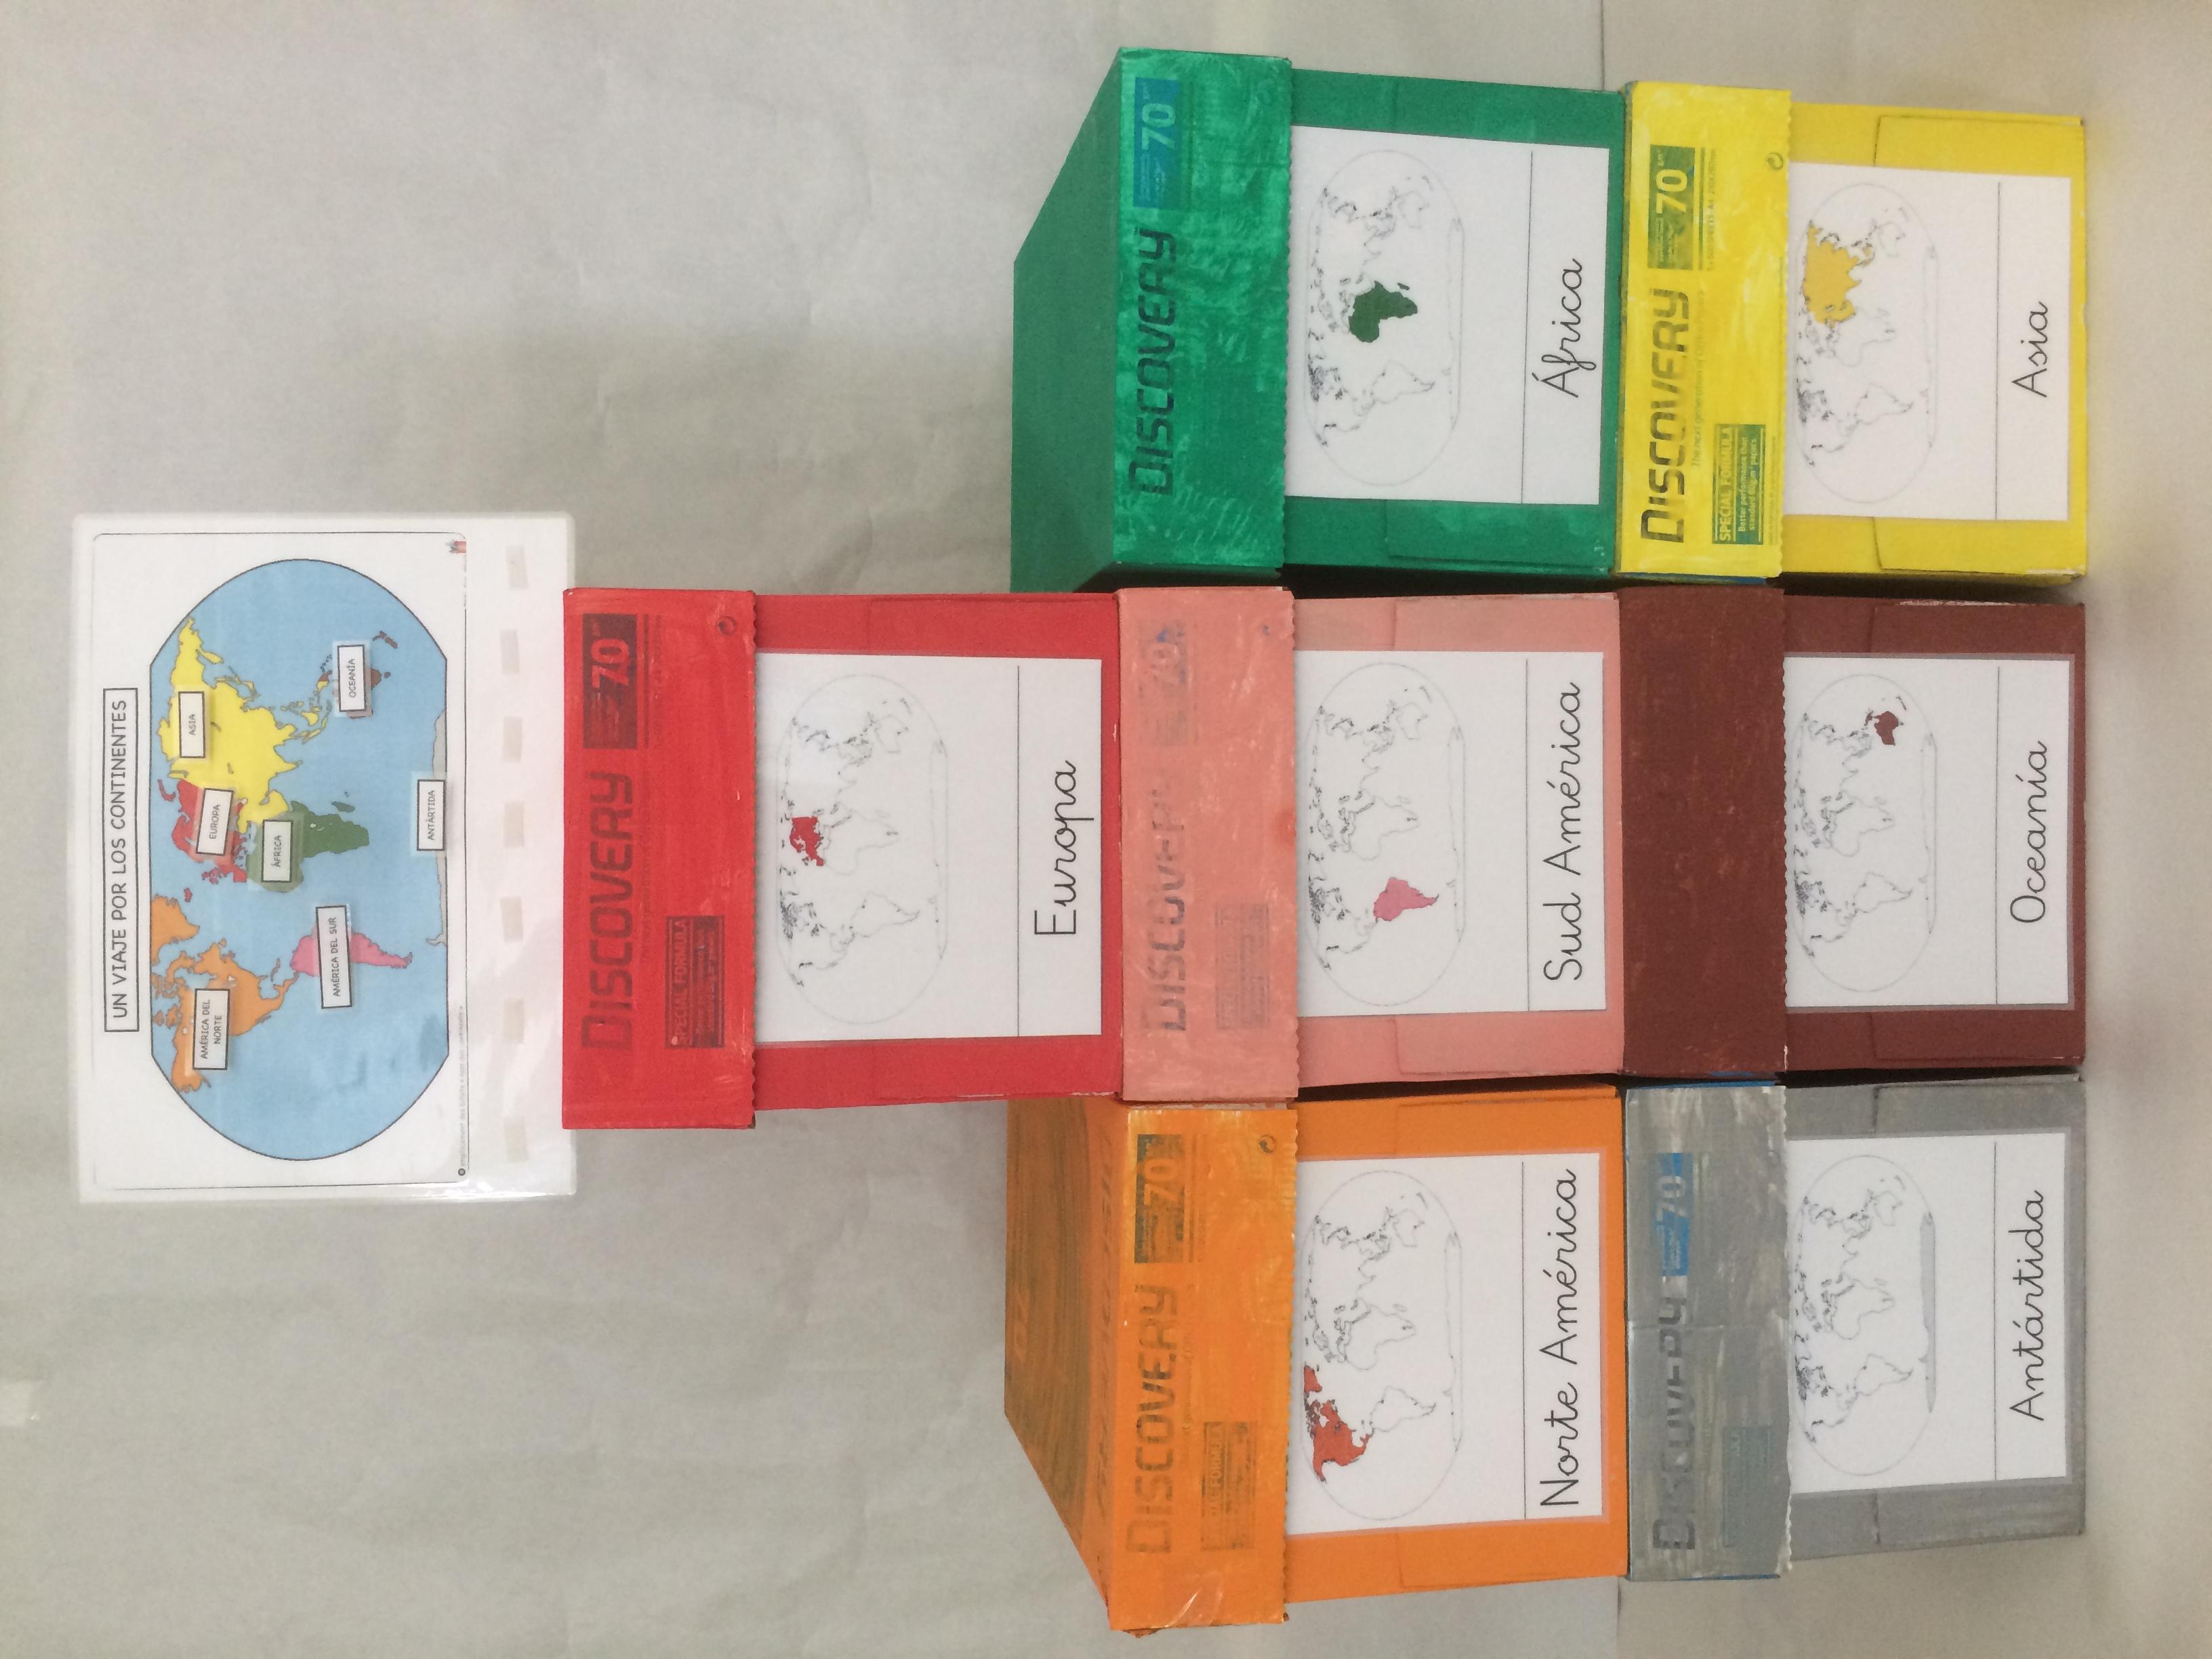 Projecte les caixes dels continents